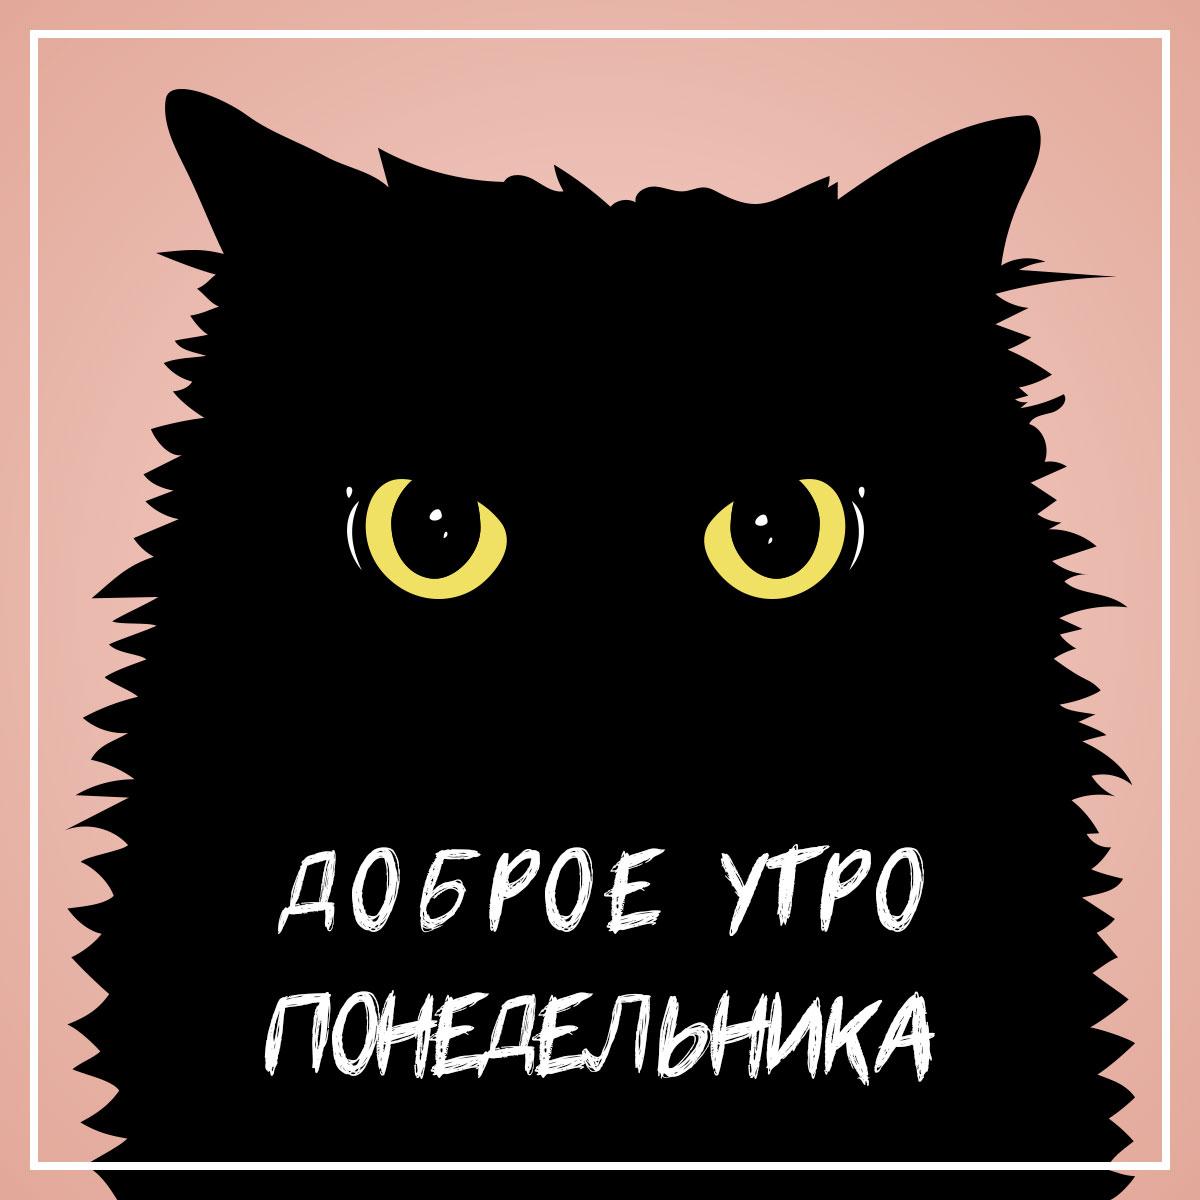 Картинка с надписью доброе утро понедельника и чёрным котом.